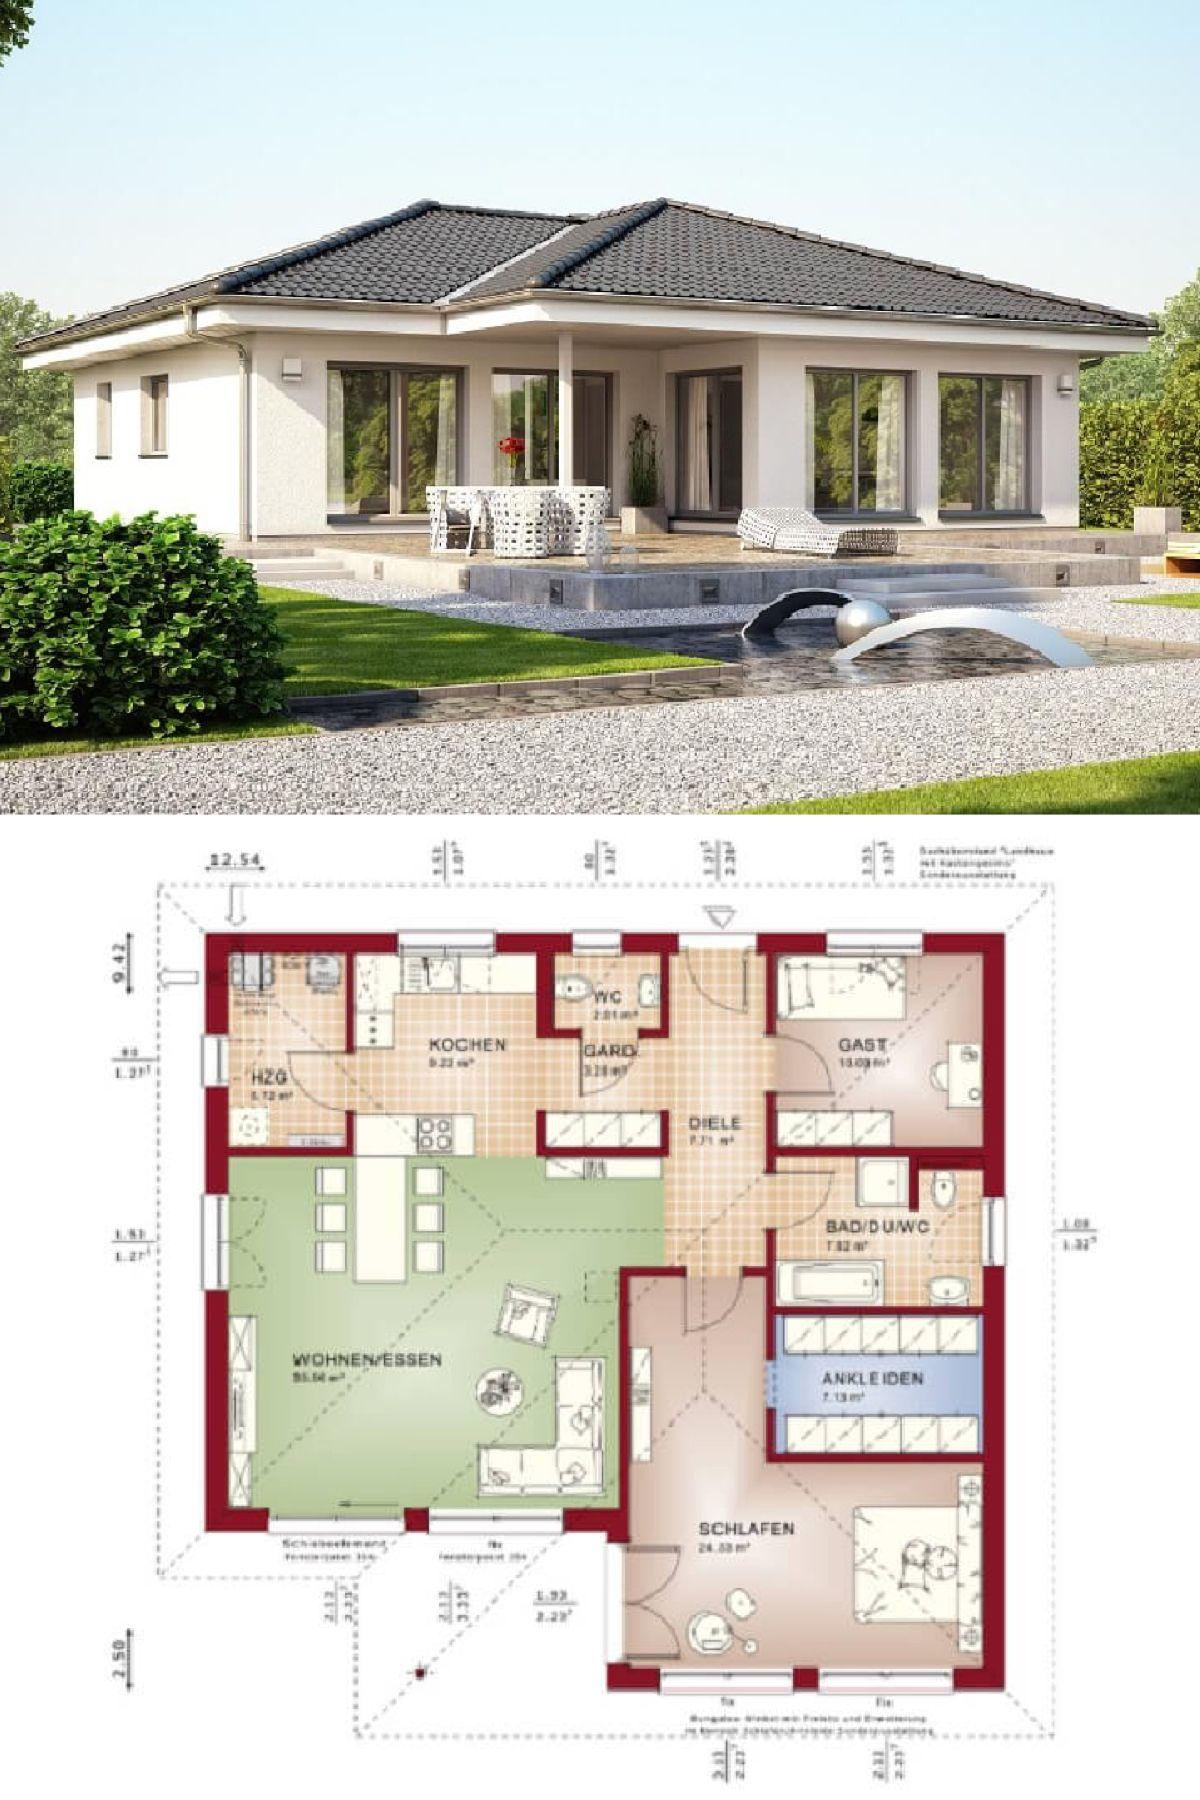 bungalow haus mit walmdach architektur terrasse winkelbungalow bauen grundriss barrierefrei. Black Bedroom Furniture Sets. Home Design Ideas